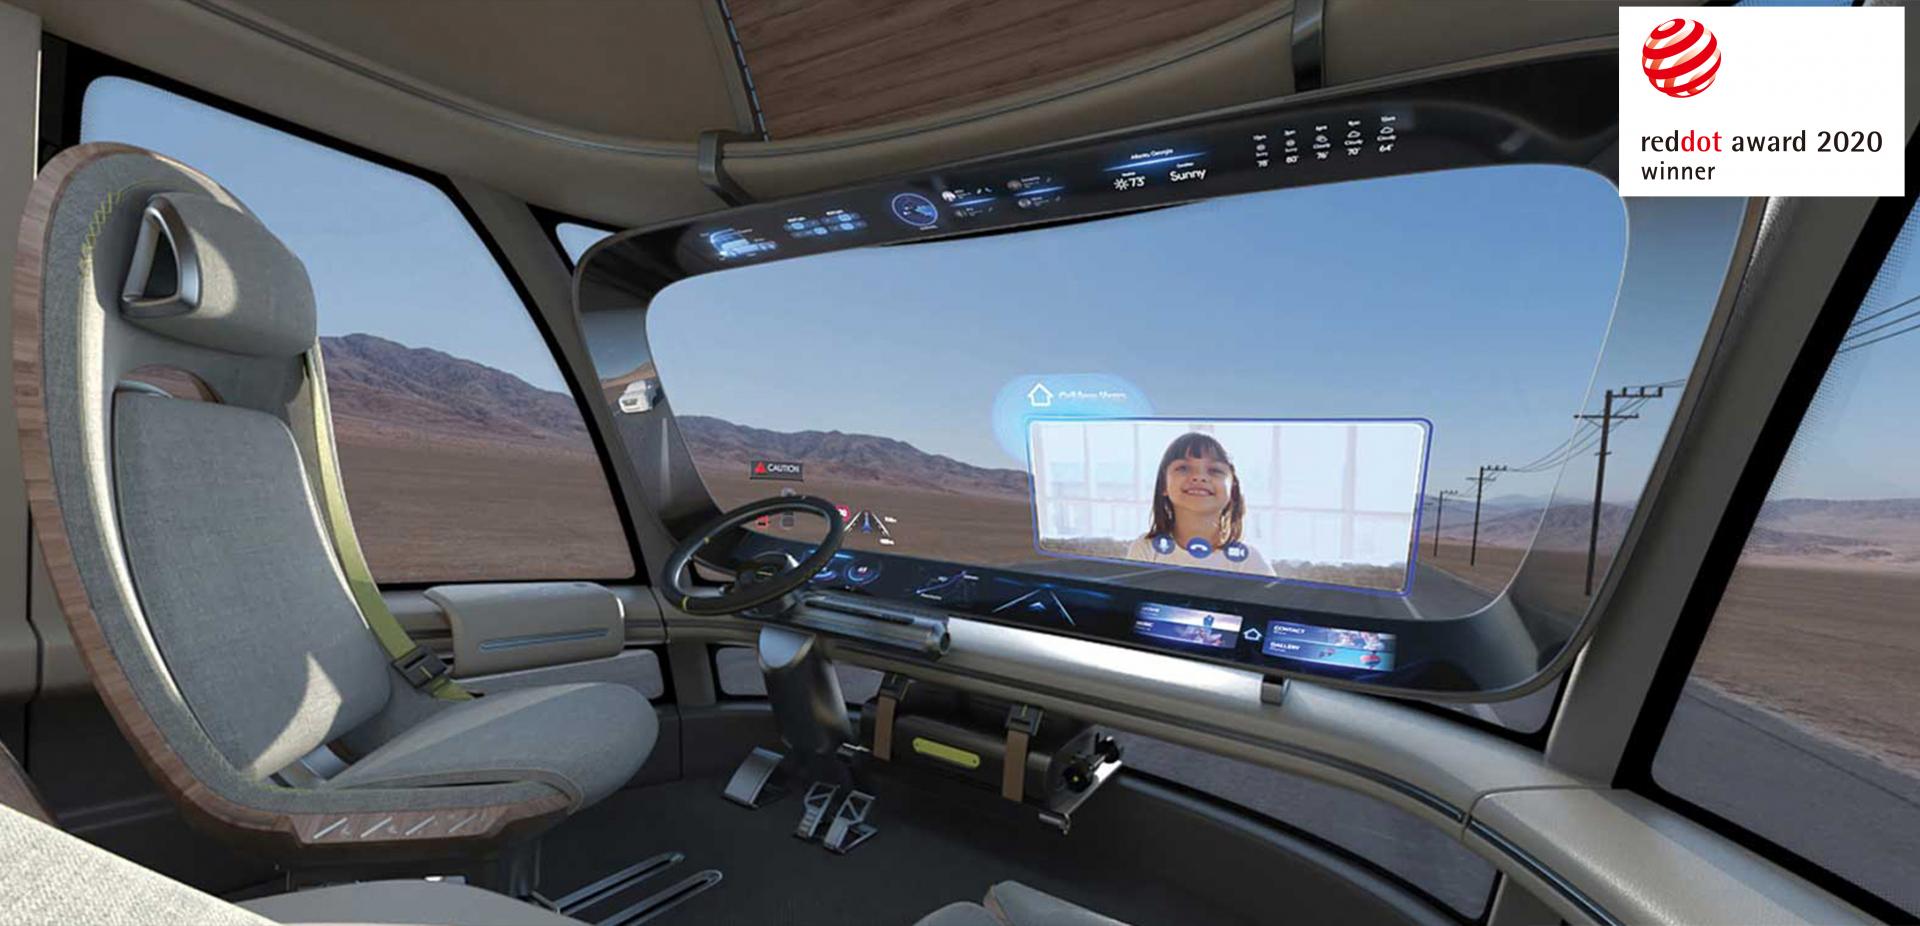 Компанія Hyundai Motor отримала три нагороди Red Dot Award 2020 за концептуальний дизайн   Богдан-Авто - фото 12